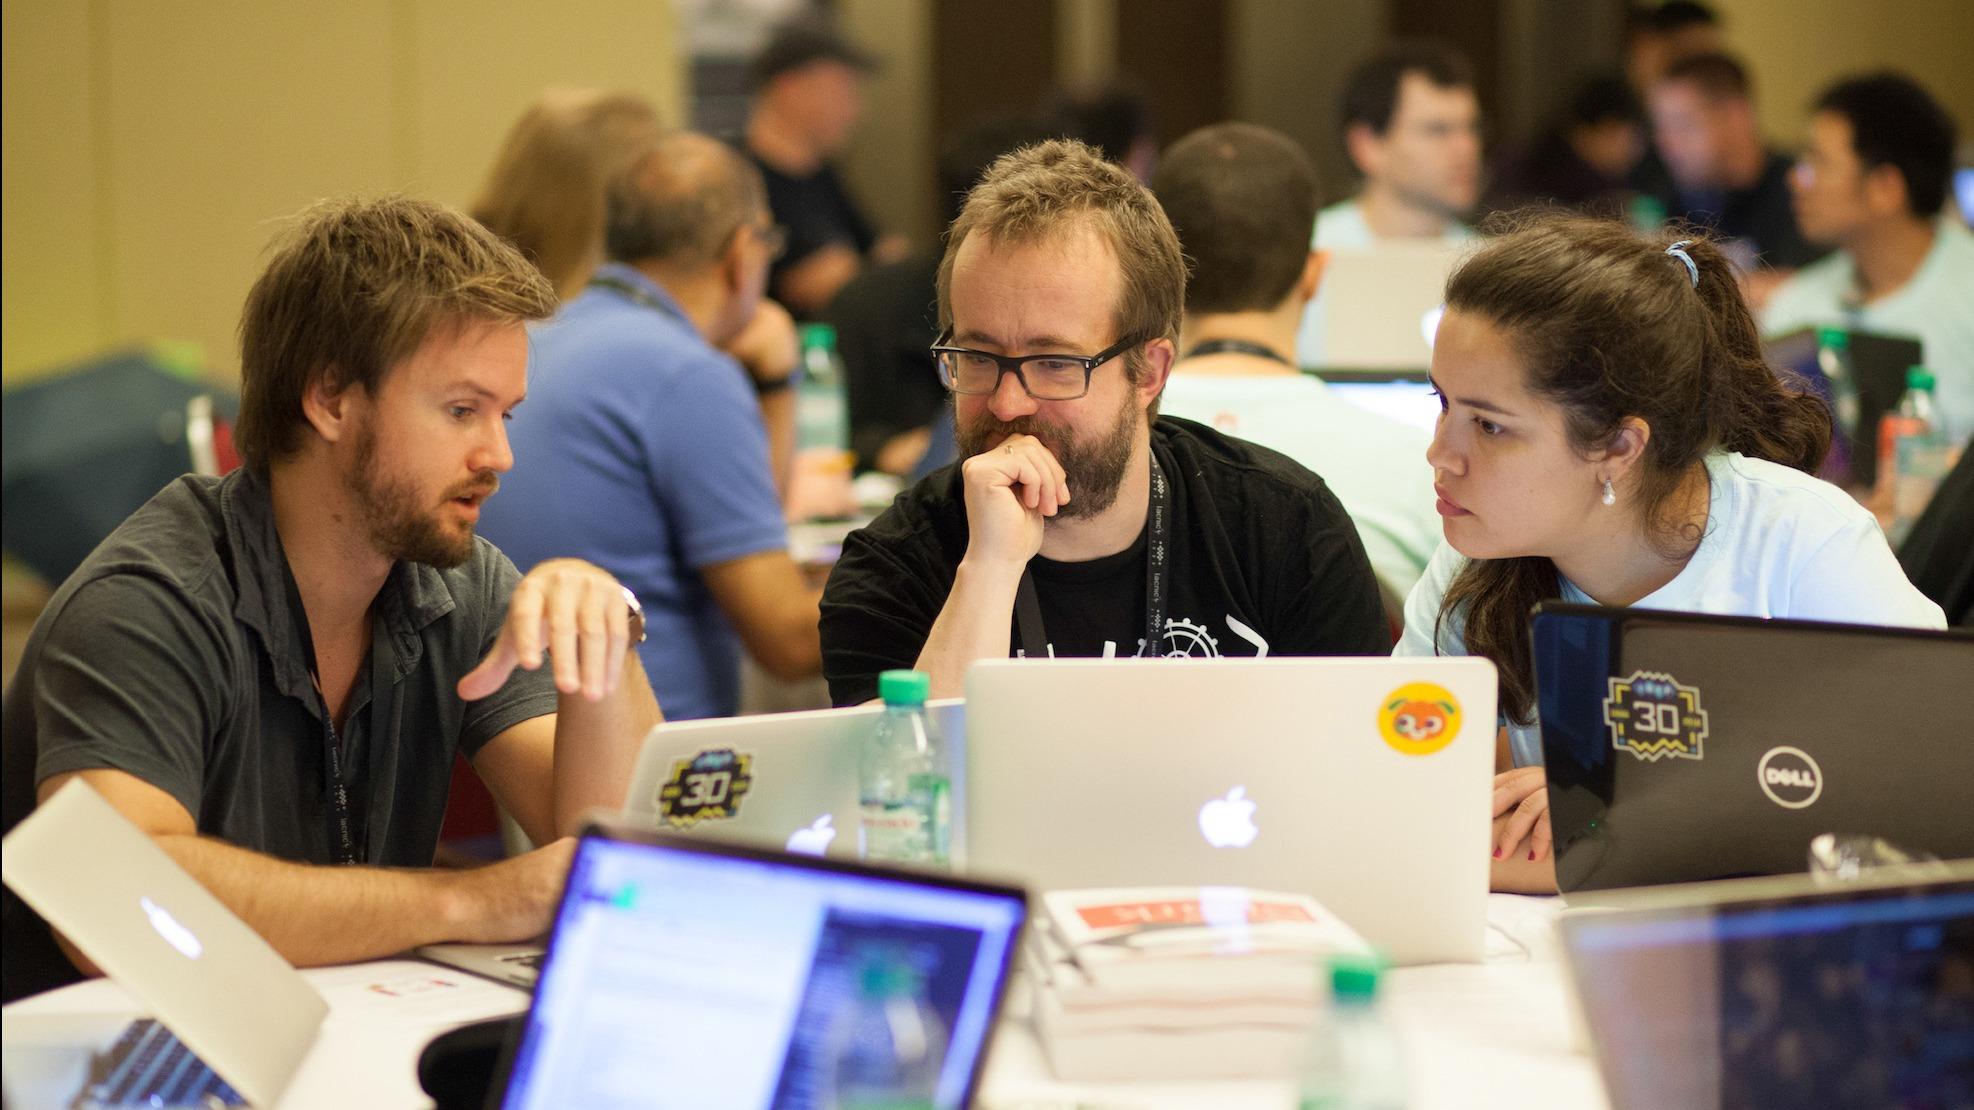 IETF 100 Fellowship Self Assessment Thumbnail